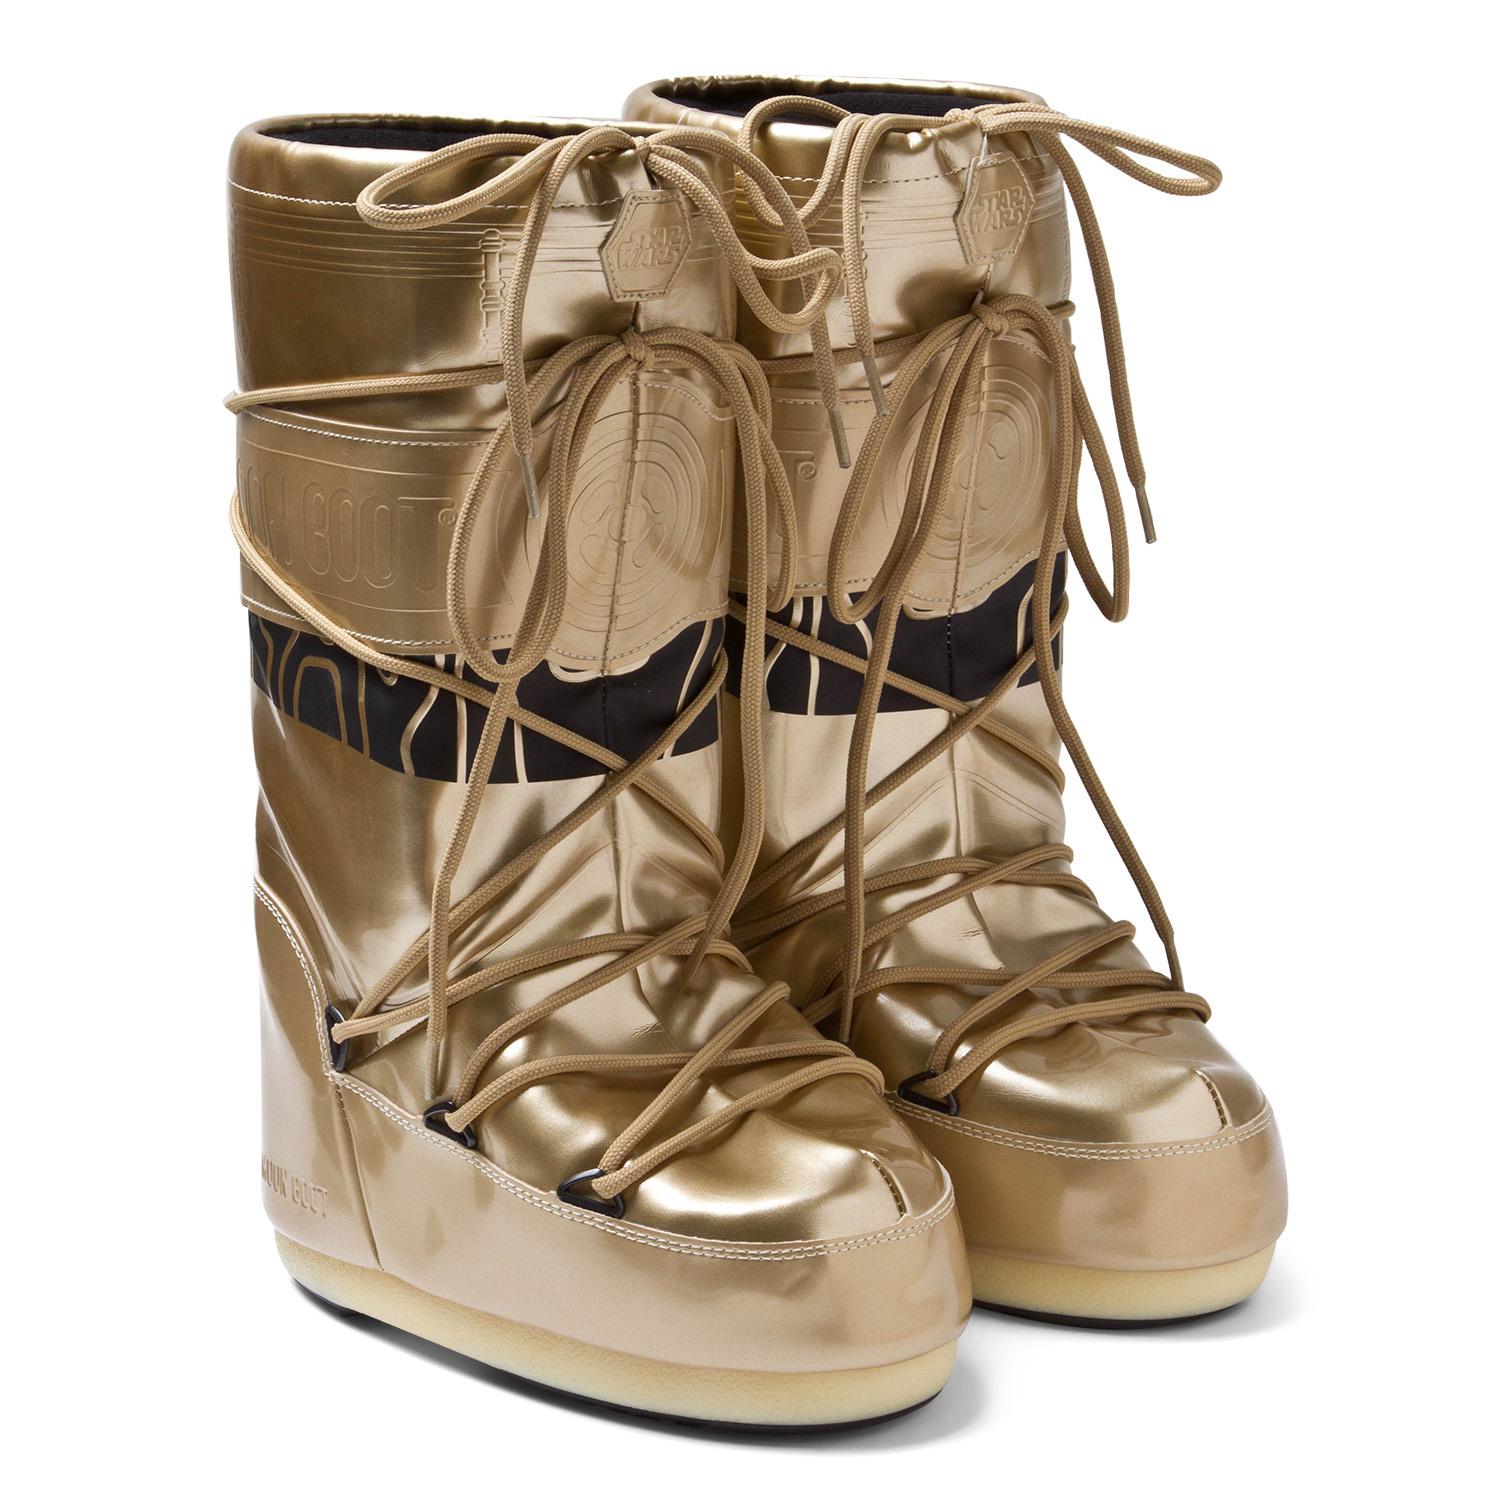 AlexandAlexa-Moon-Boot-Star-Wars-C-3PO-Moon-Boots-£125